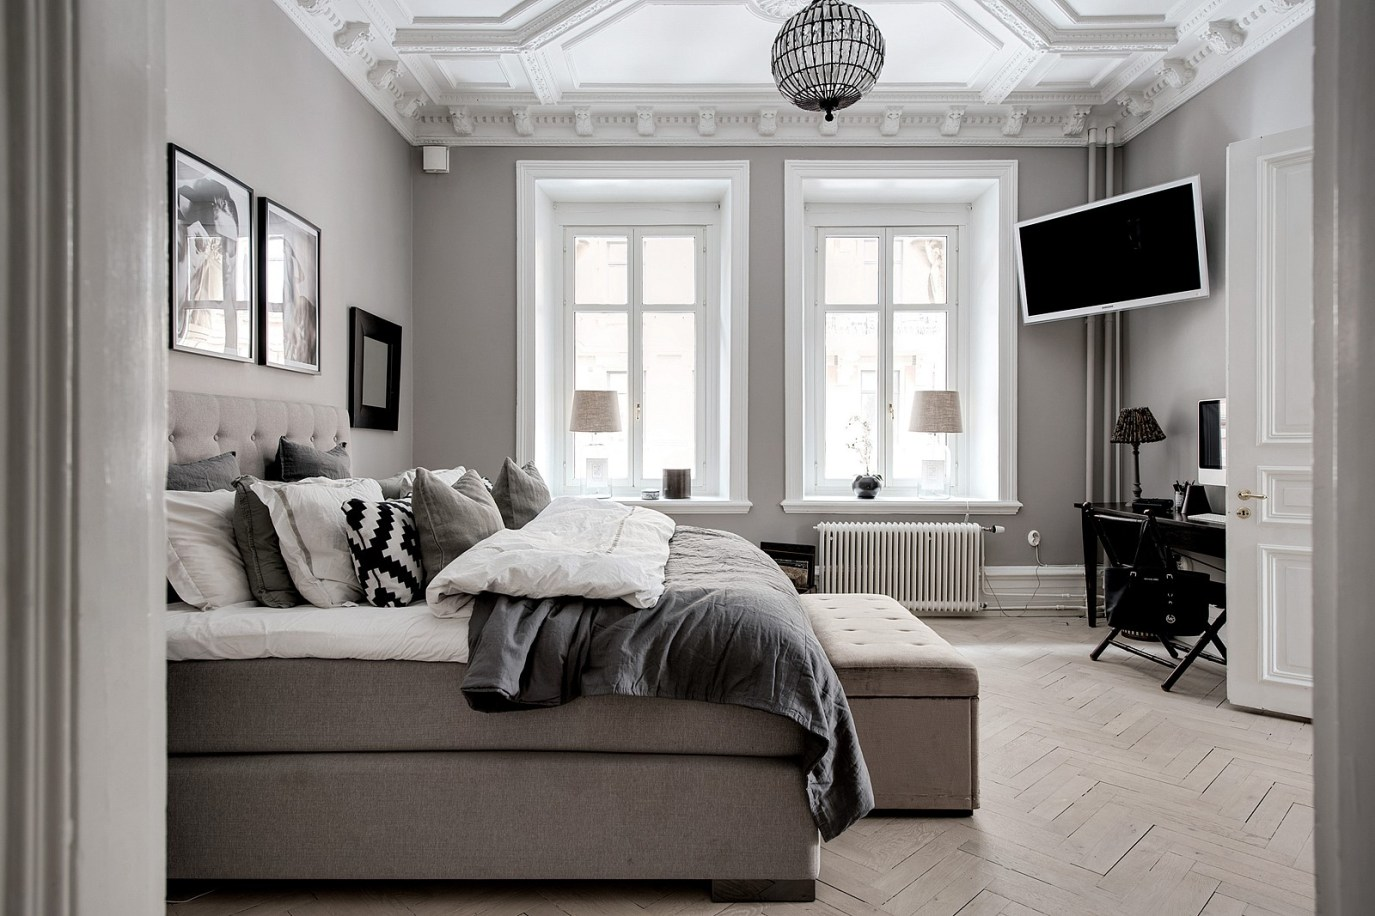 окна в спальне кровать изножье скамья телевизор